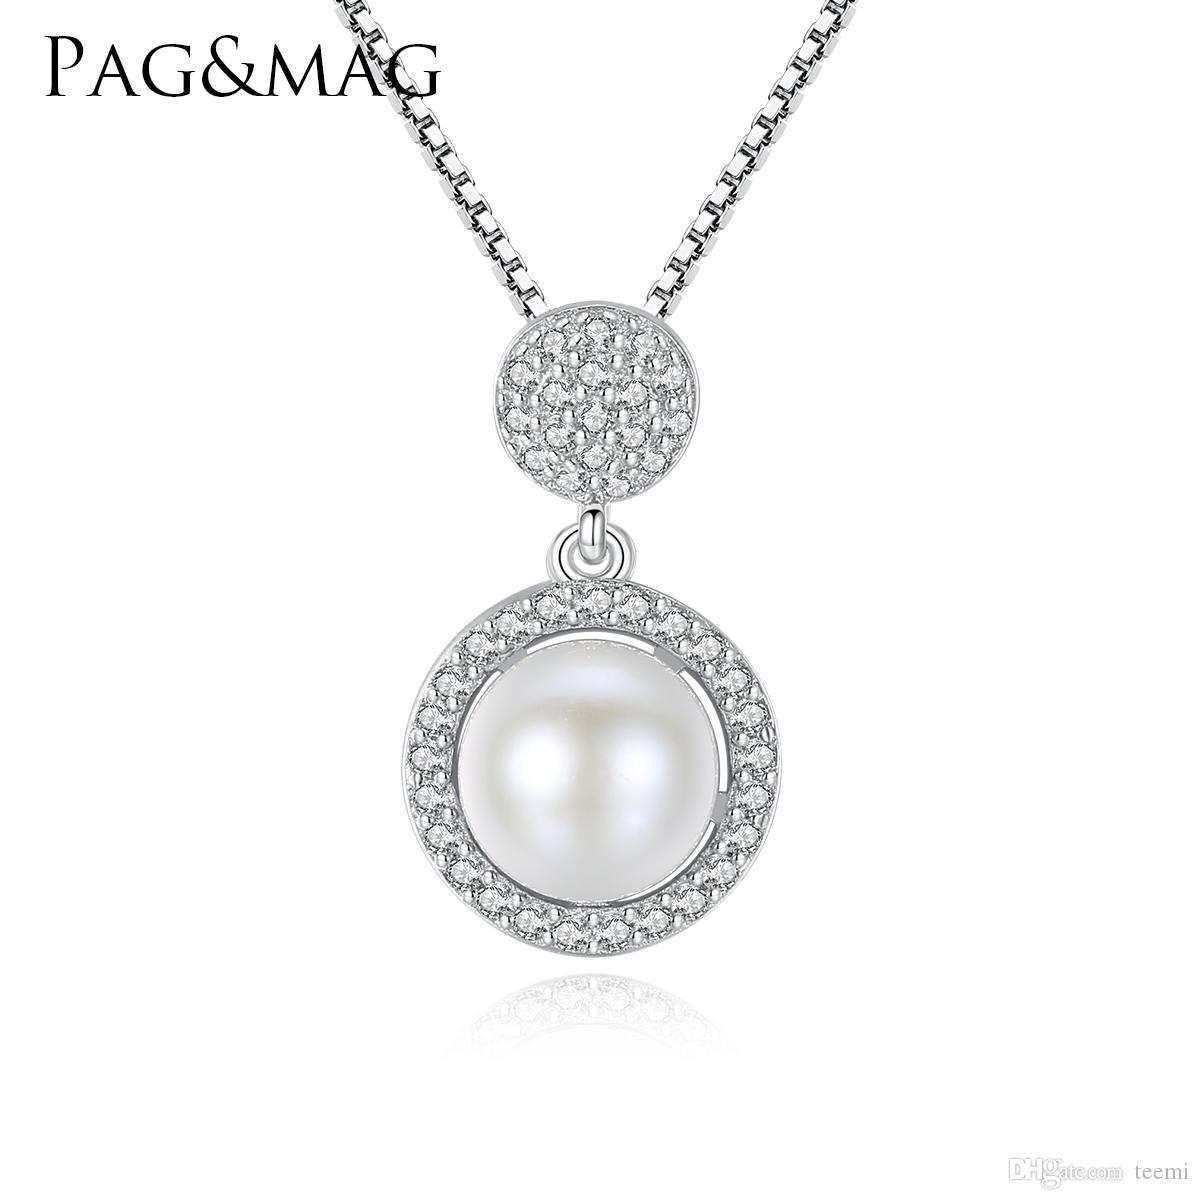 d85f6515644f Compre PAGMAG Marca 925 Joyas De Plata Moda Collar De Perlas Naturales  Blancas Estilo Pequeño Y Encantador Para El Regalo De La Novia Enviar Caja  Gratis A ...